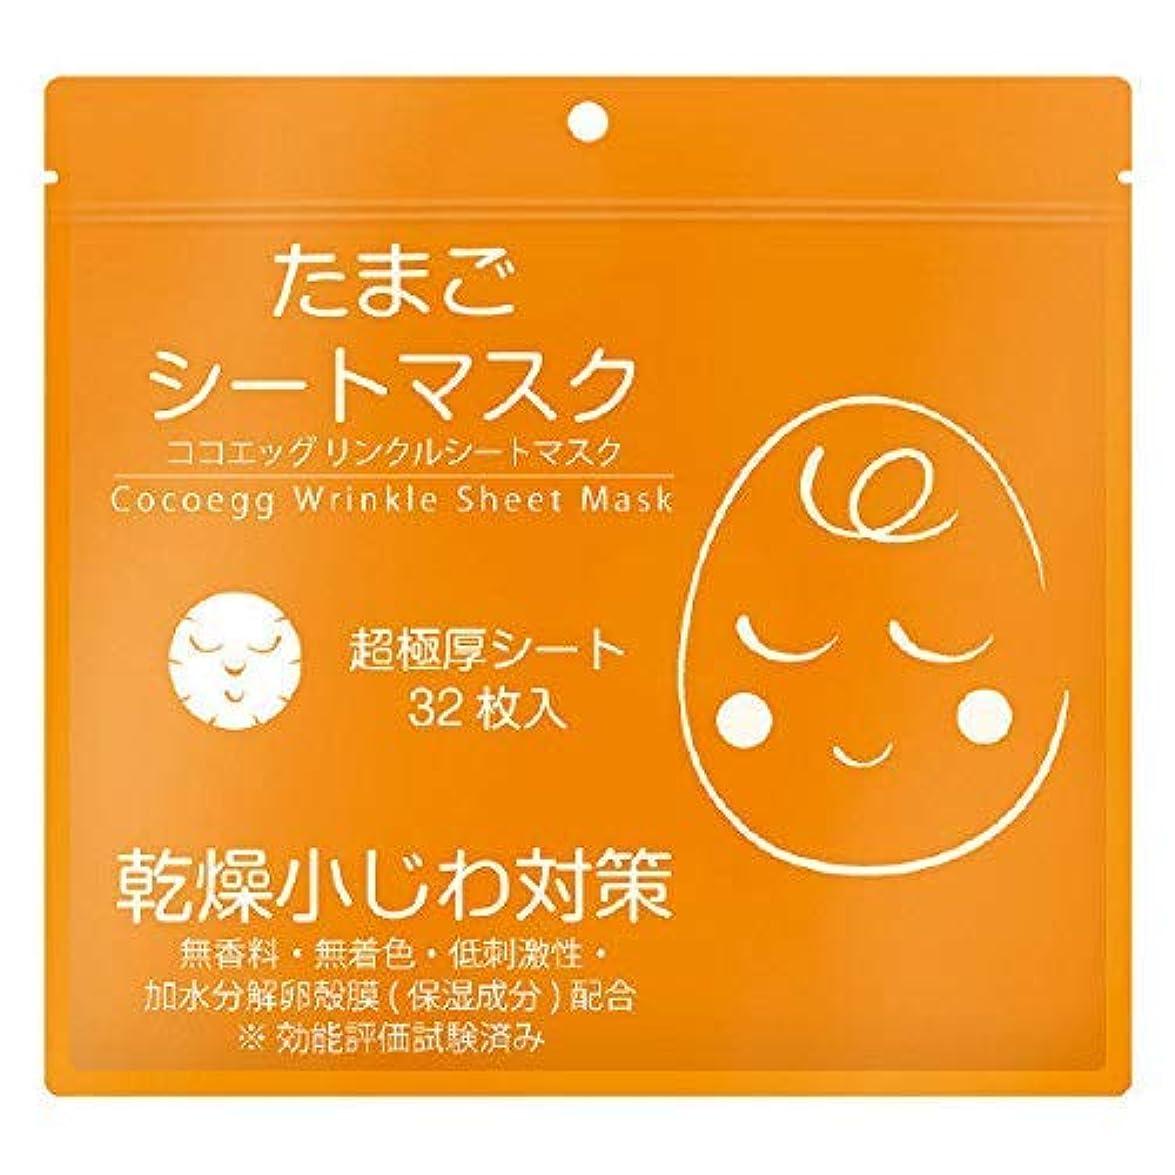 【まとめ買い】CCEリンクルシートマスク たまごシートマスク ×2個